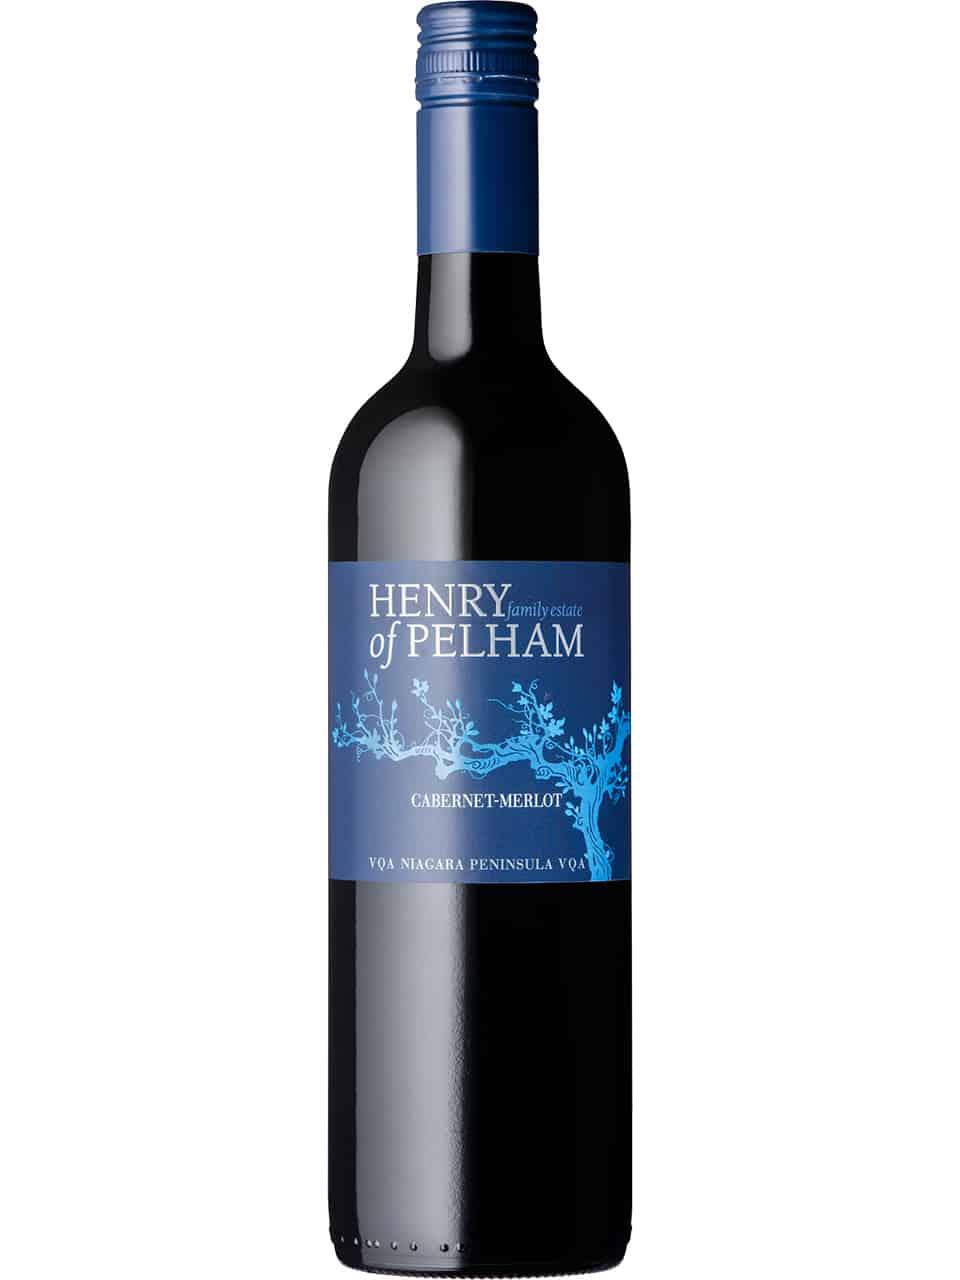 Henry of Pelham Cabernet Merlot